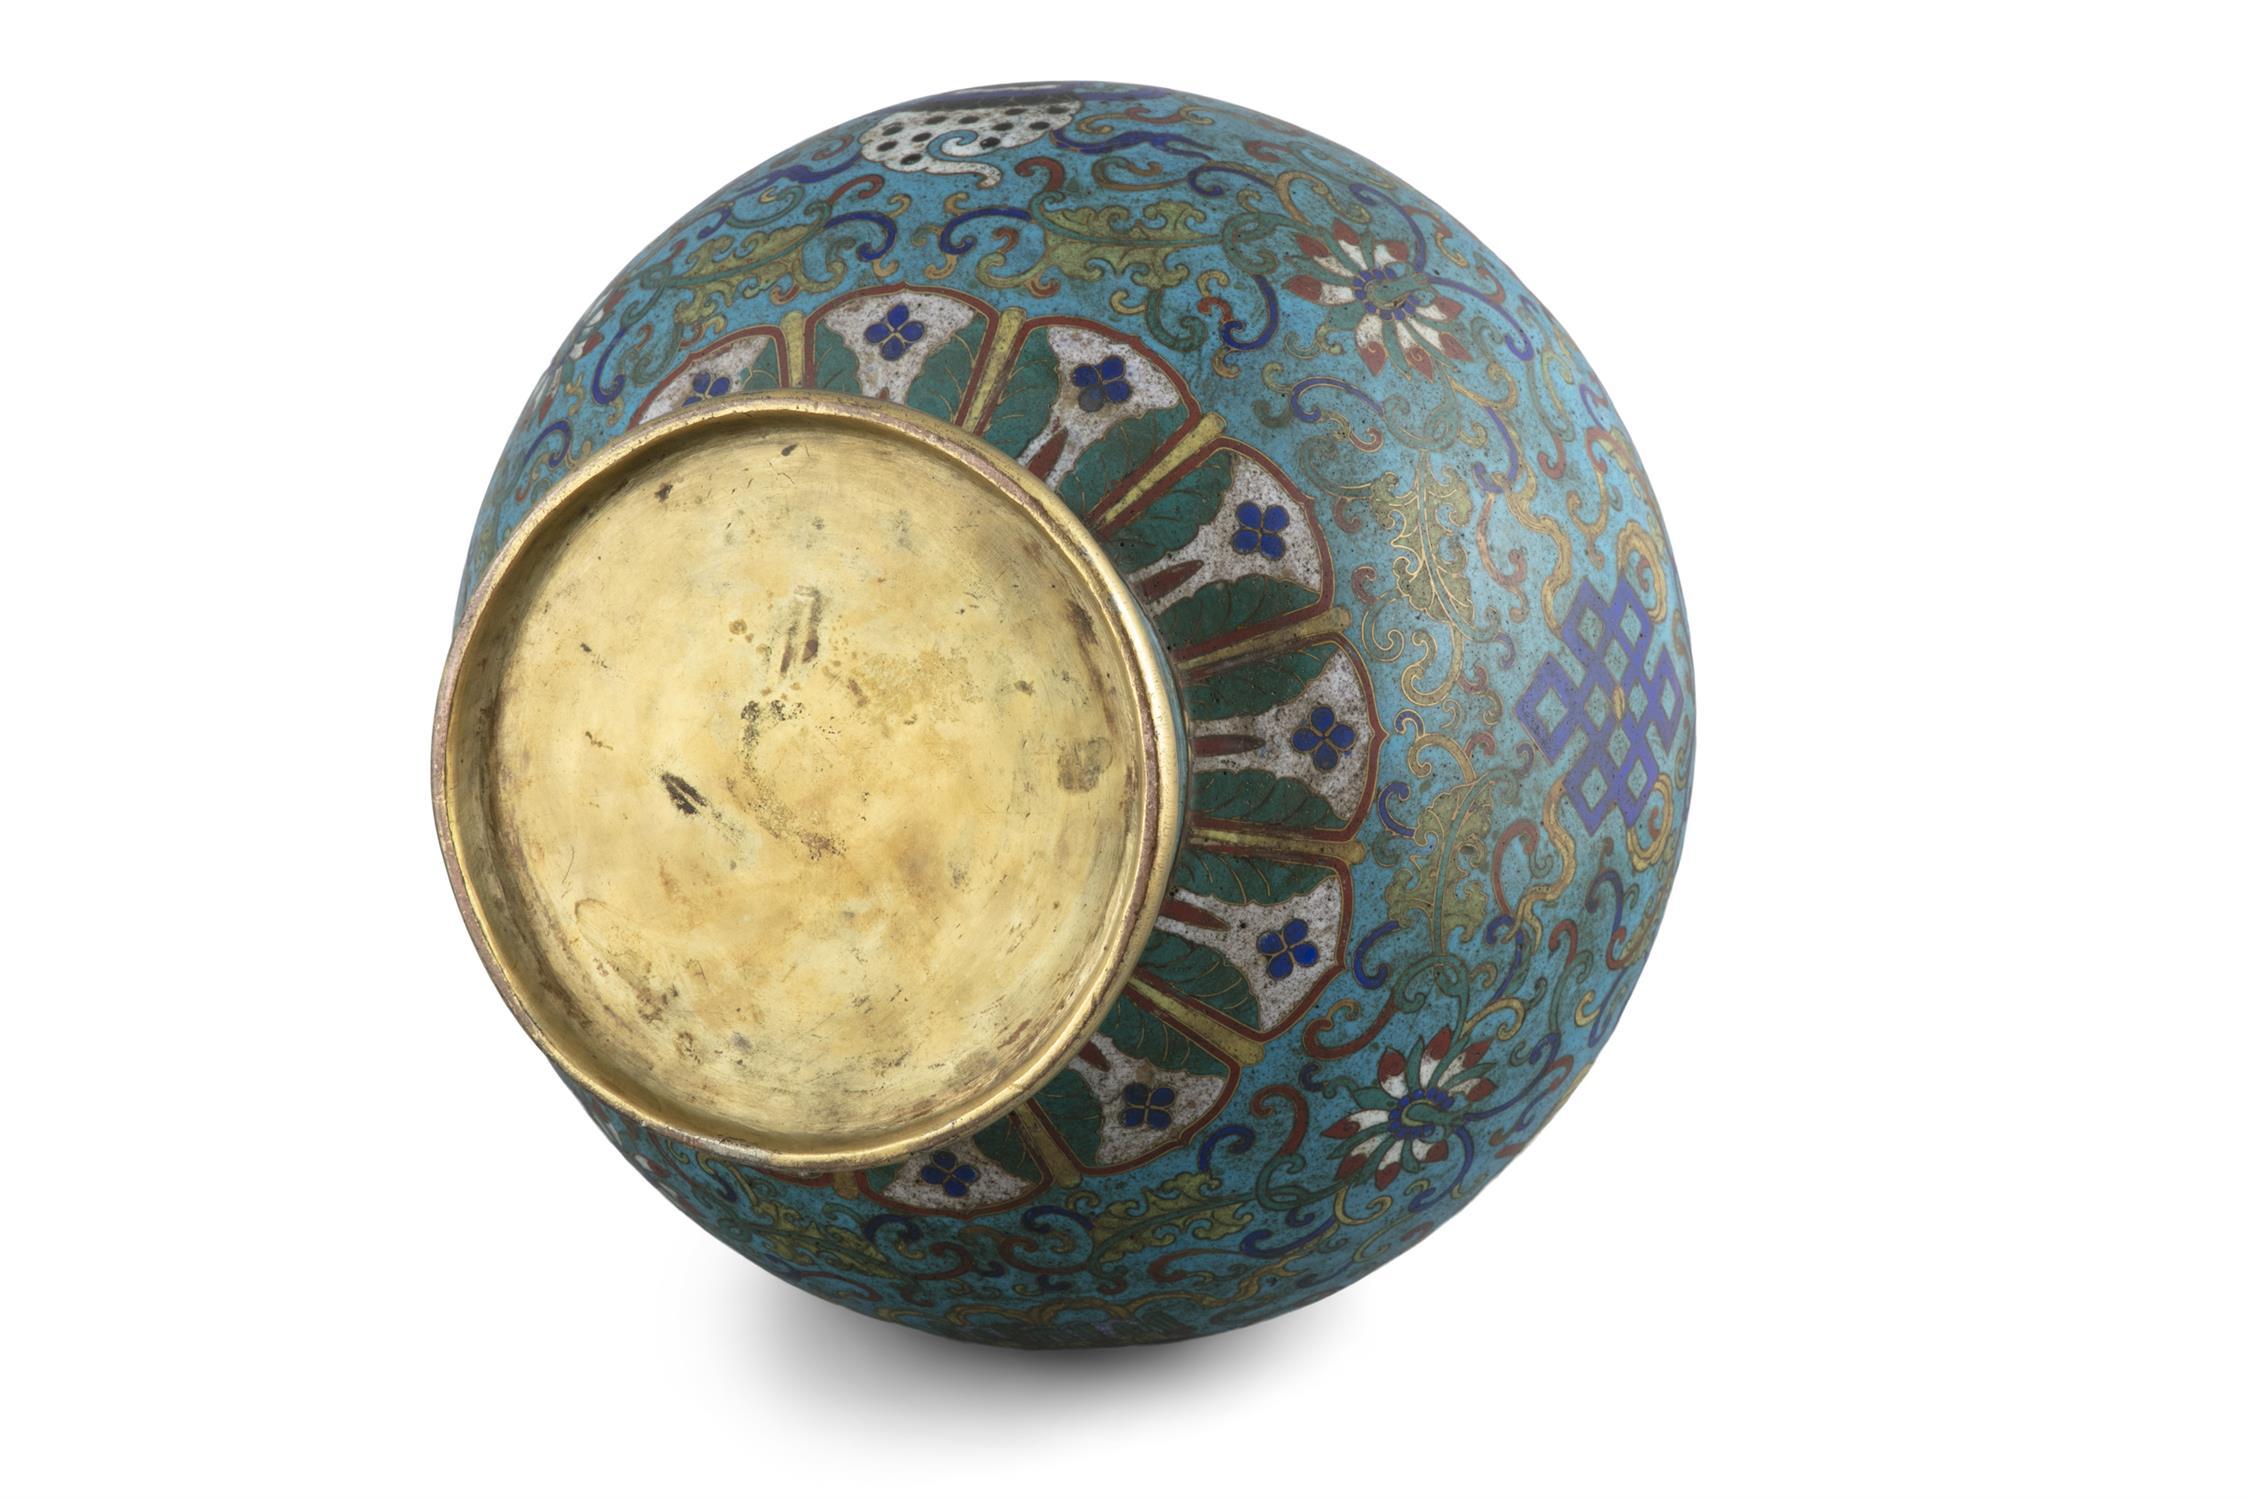 A LARGE 'ASHTAMANGALA' CLOISONNE BRONZE JAR, HU China, Qing Dynasty, 19th century Richly adorned - Image 10 of 24